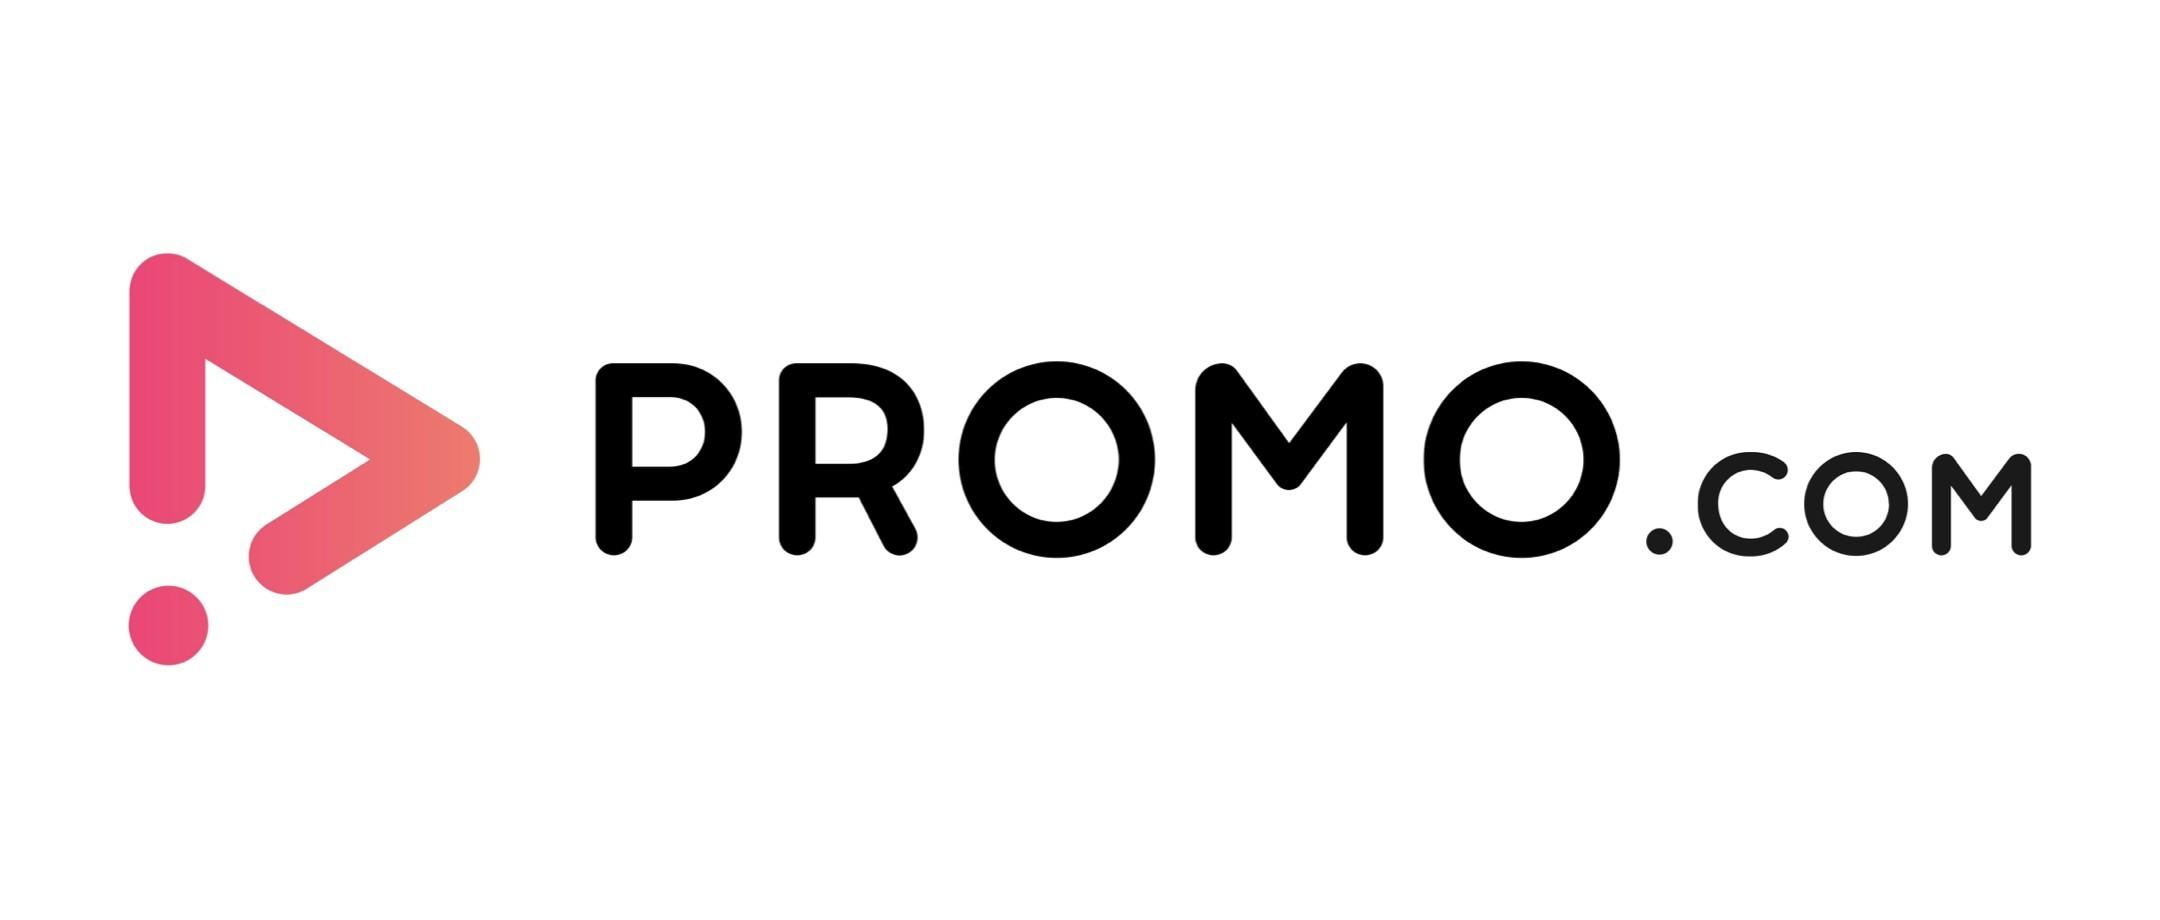 Promo (プロモ)